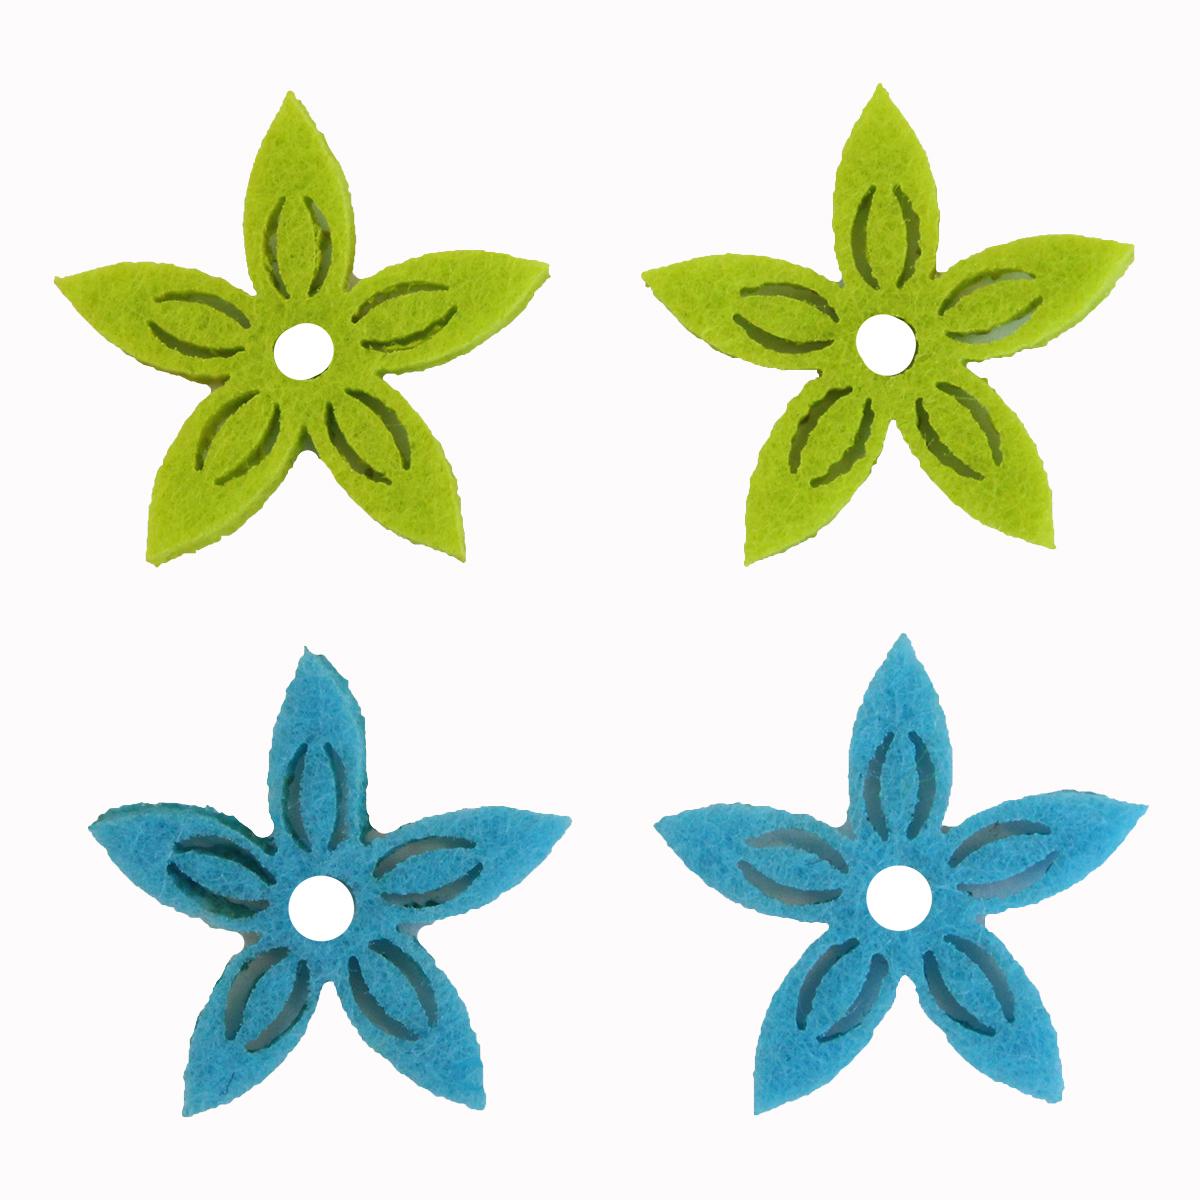 Фигурки из фетра Glorex Цветы, цвет: светло-голубой, светло-зеленый, 3 см, 12 штC0042416Фетр пользуется большой популярностью среди рукодельниц. Его любят за эстетичный вид, практичность и отличную текстуру. Из данного материала вашему вниманию предлагаются заготовки Glorex. Широкое разнообразие цветов и форм поможет реализовать творческие задумки и гармоничным образом дополнить ваше творение. Из фетра можно создавать обложки для книг, ежедневников, игрушки, декоративные чехлы для подушек и многое, многое другое.